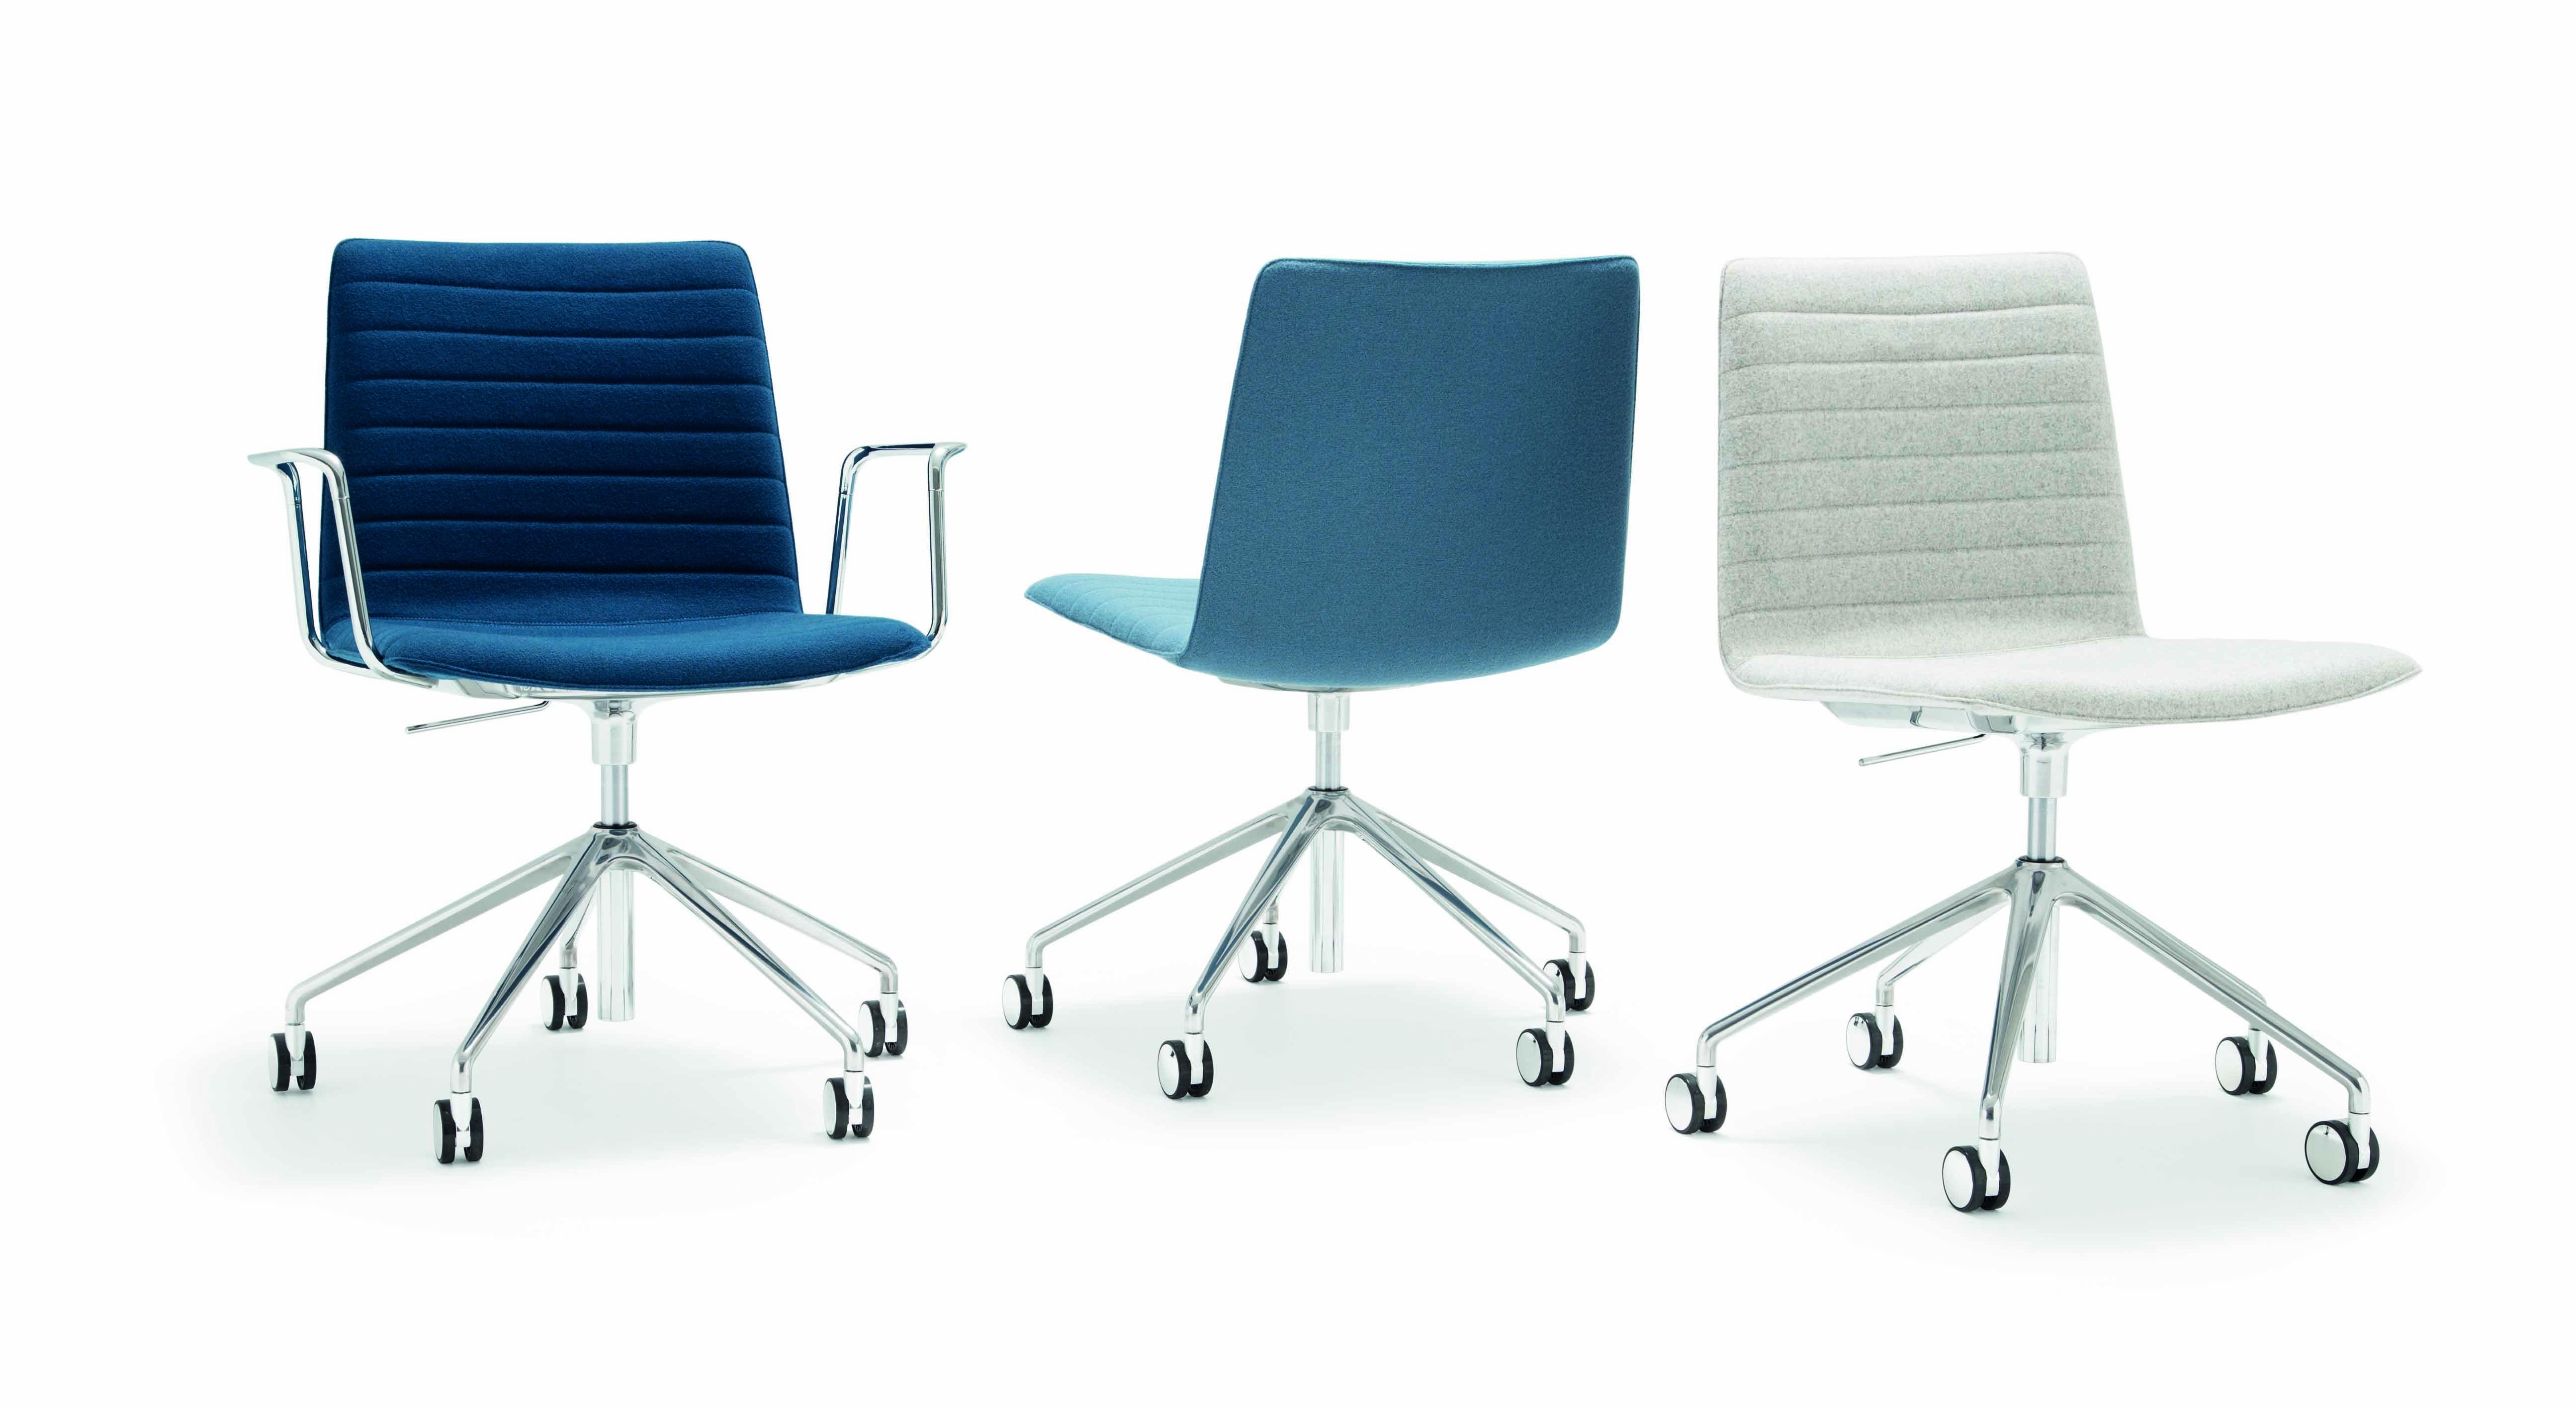 Andreu world flex corporate chairs piergiorgio cazzaniga